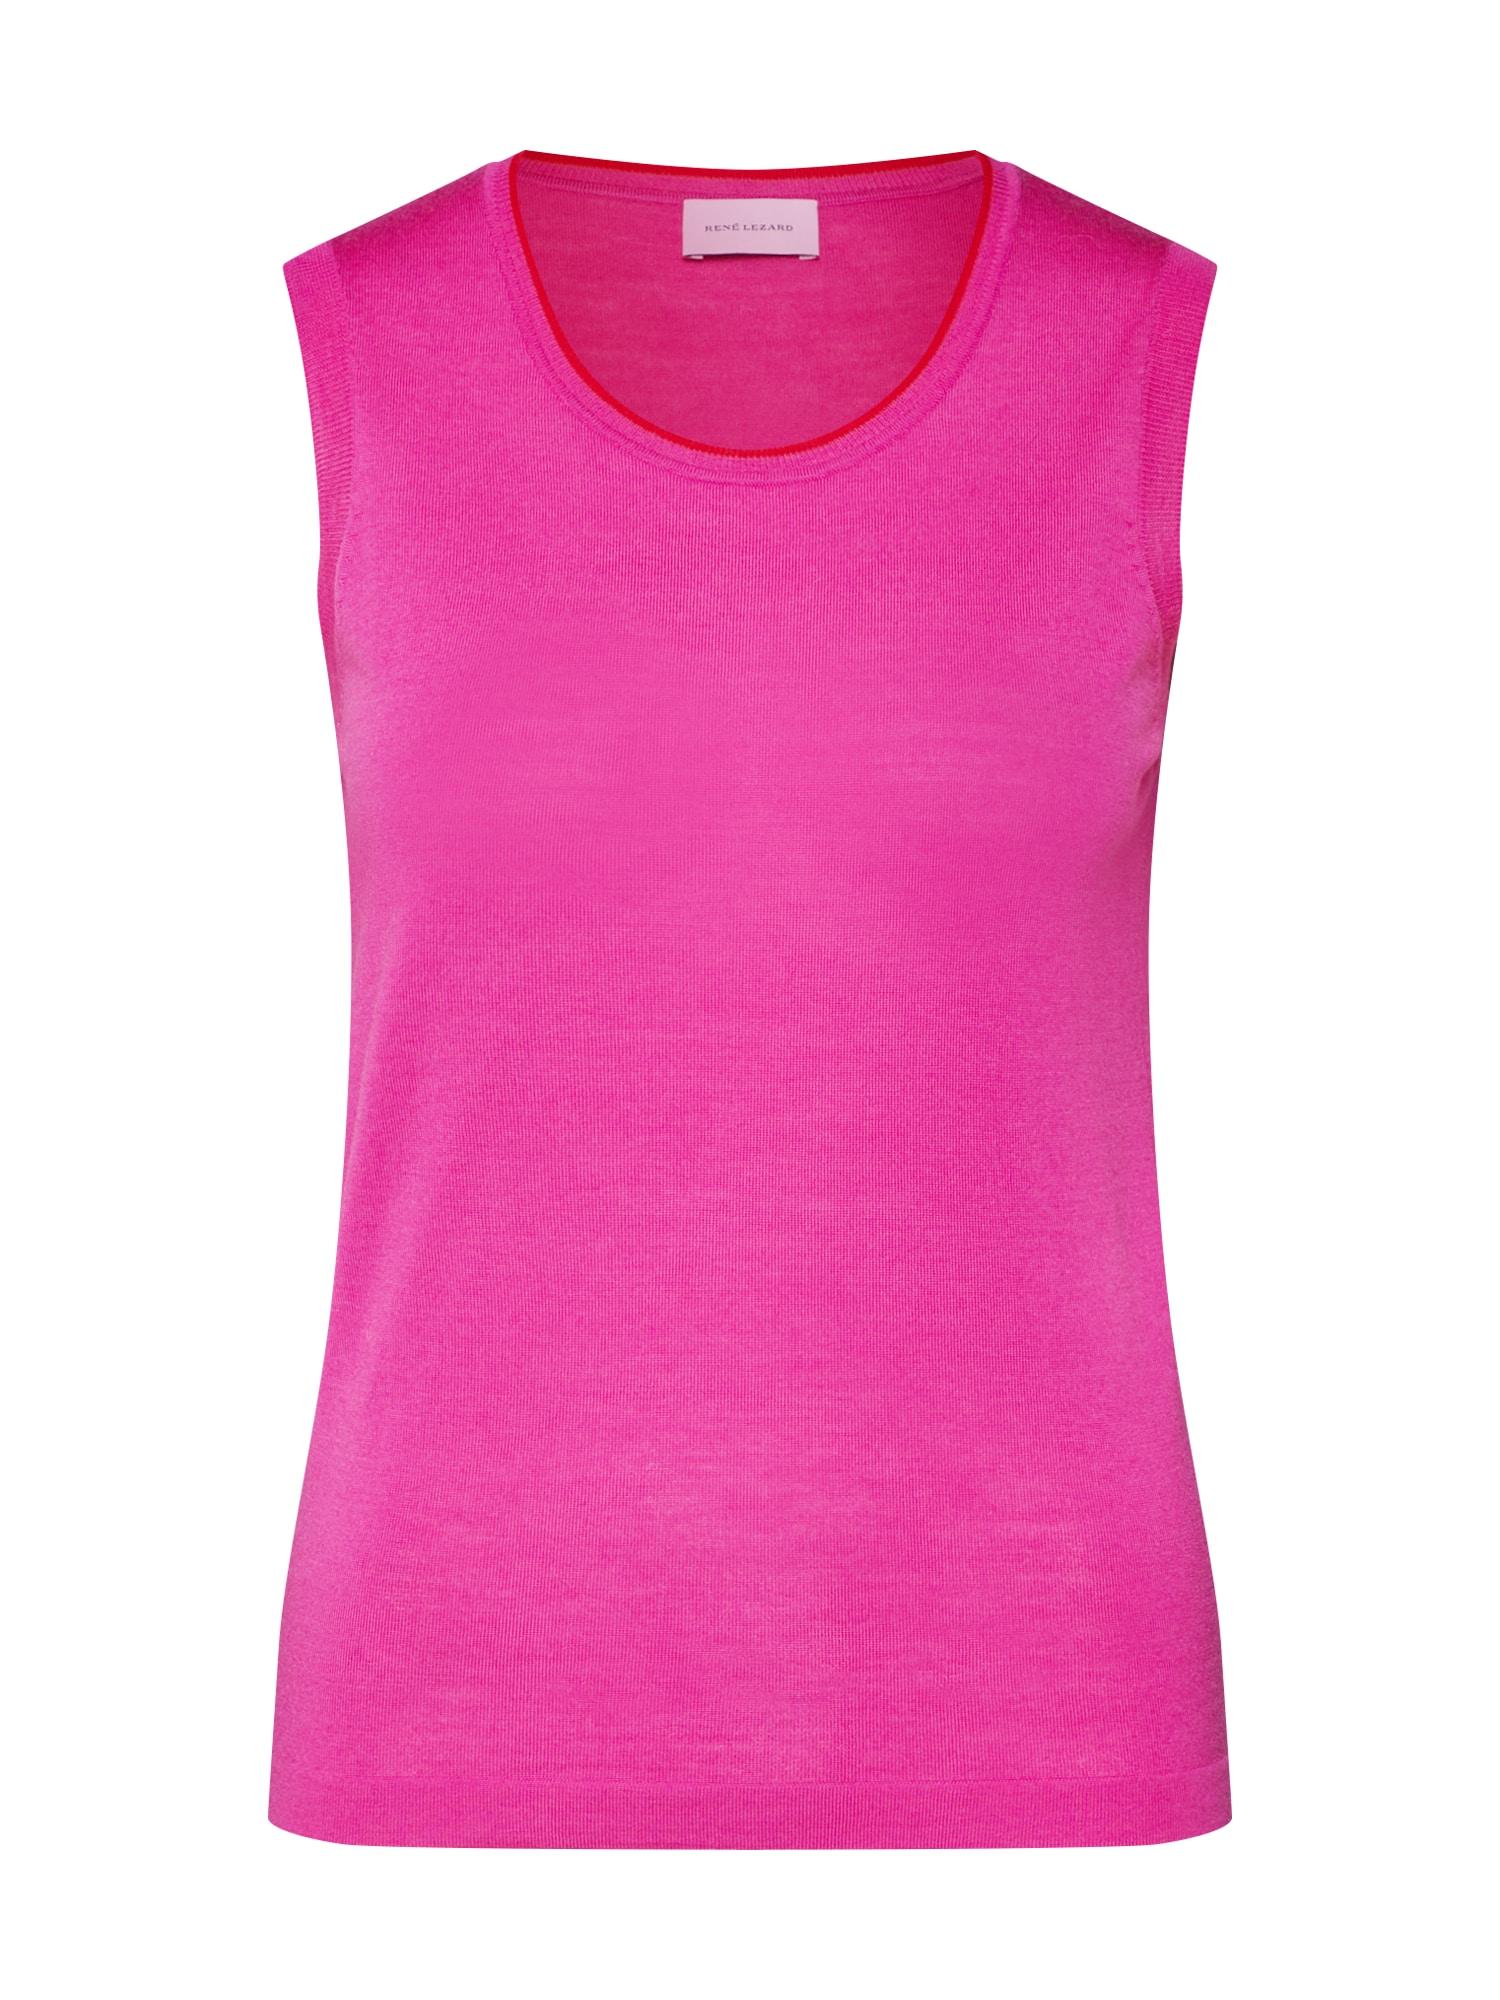 Top P101S pink RENÉ LEZARD